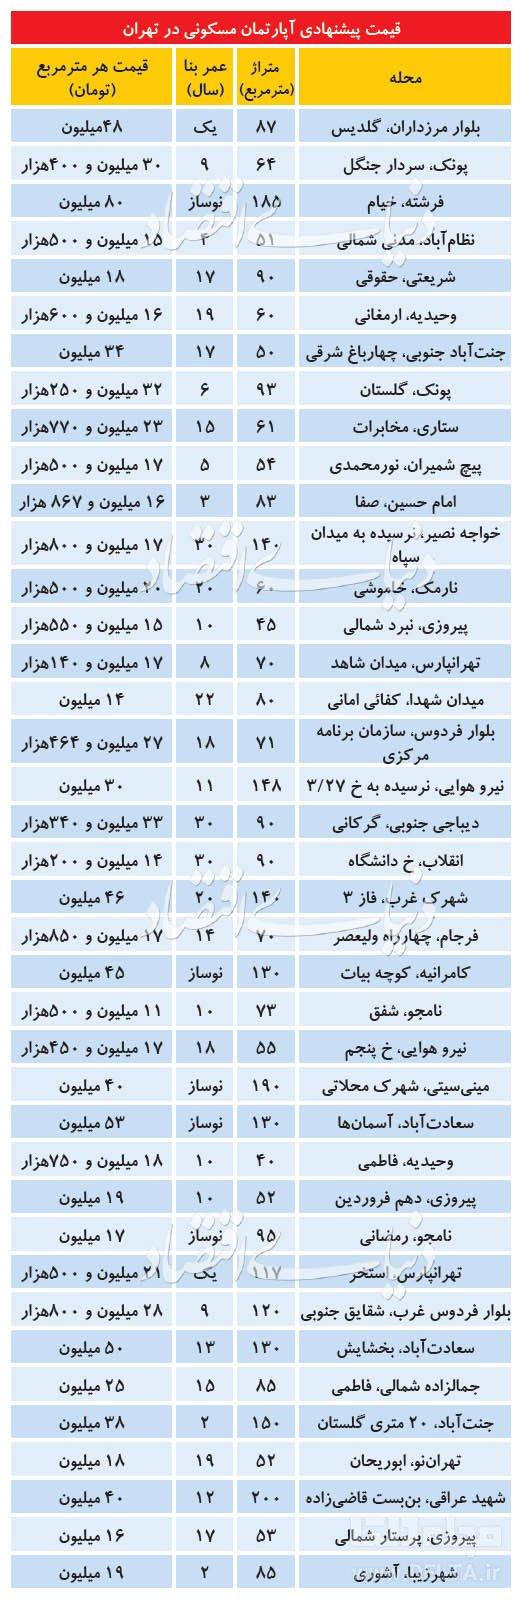 مظنه خرید آپارتمان در تهران